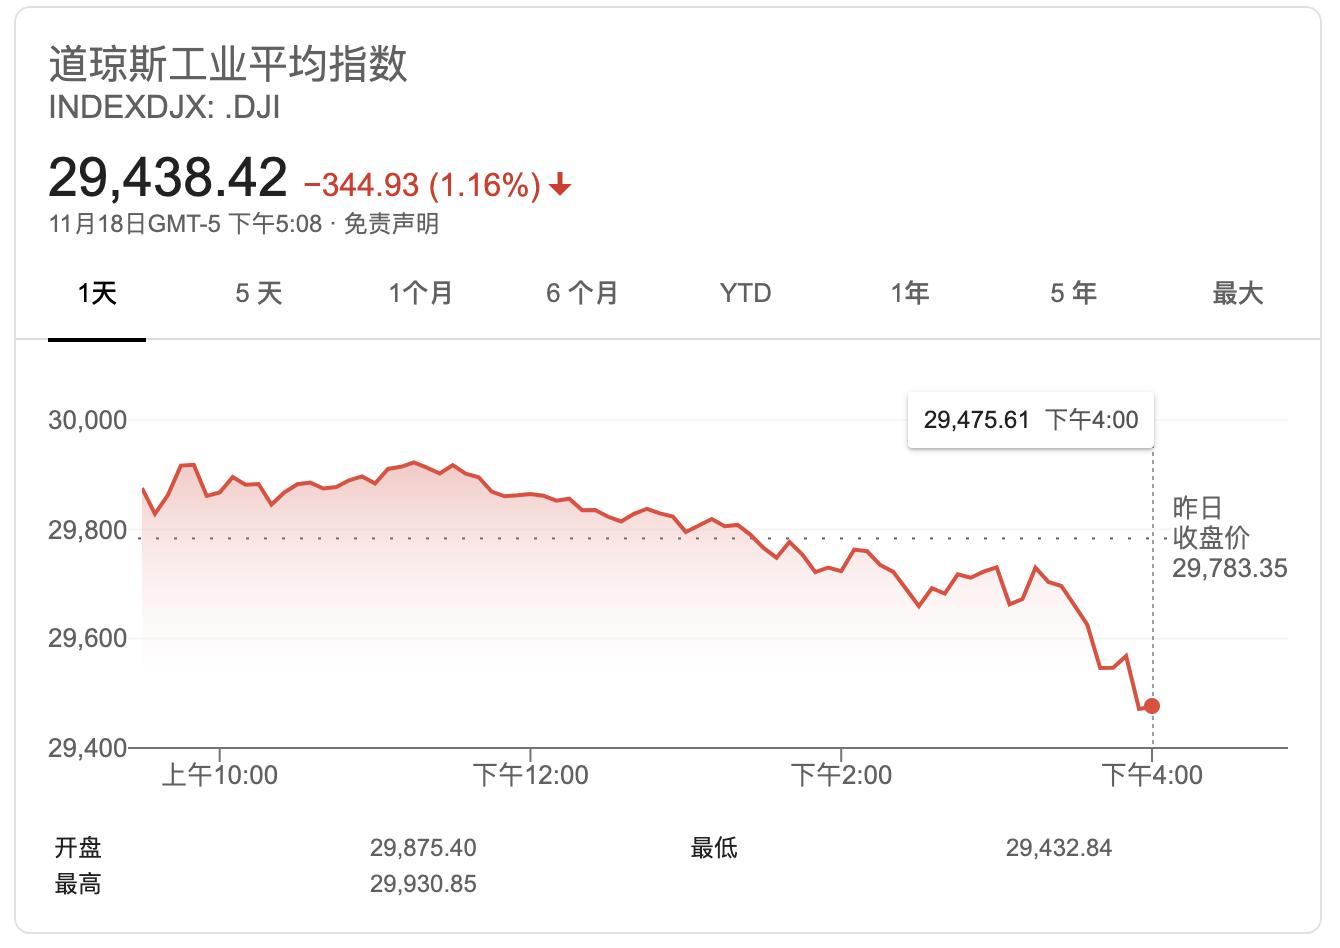 华尔街投行:价值股的春天来了 道指明年有望再涨35%至4万点